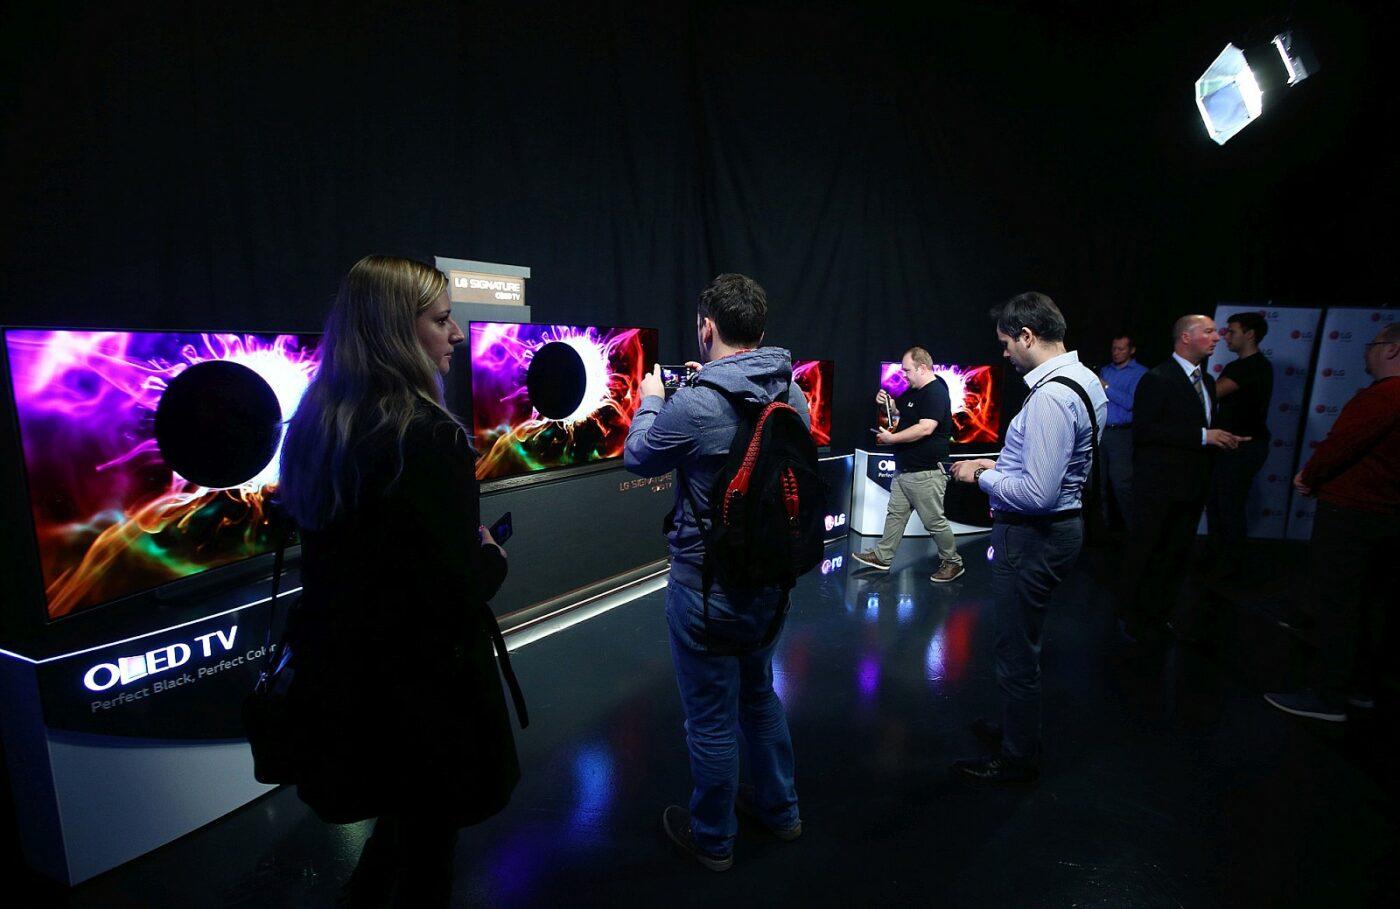 LG OLED 2016 event 1